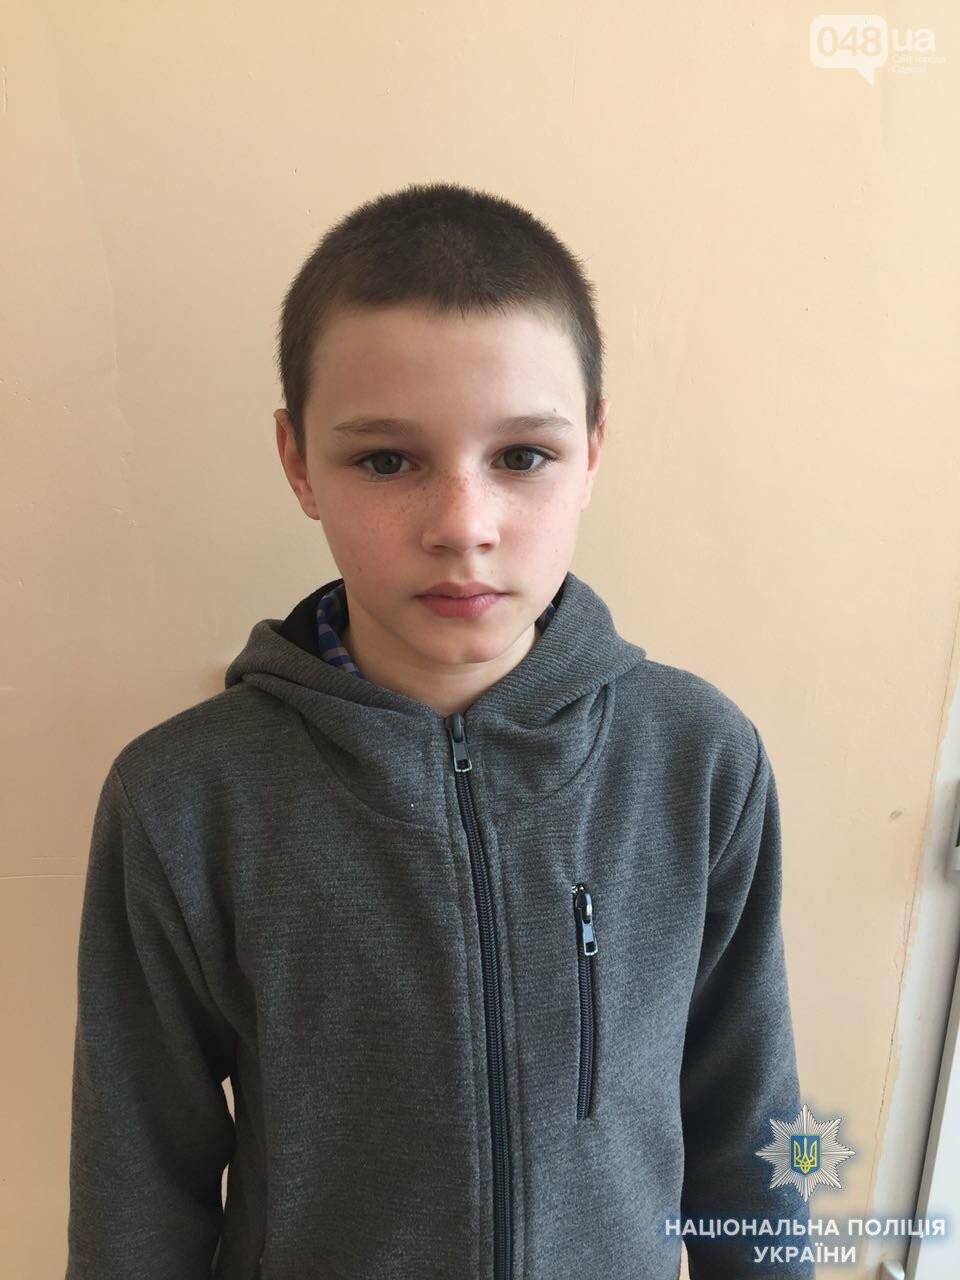 Под Одессой ищут 13-летнего мальчика, который удрал из больницы, - ФОТО, фото-1